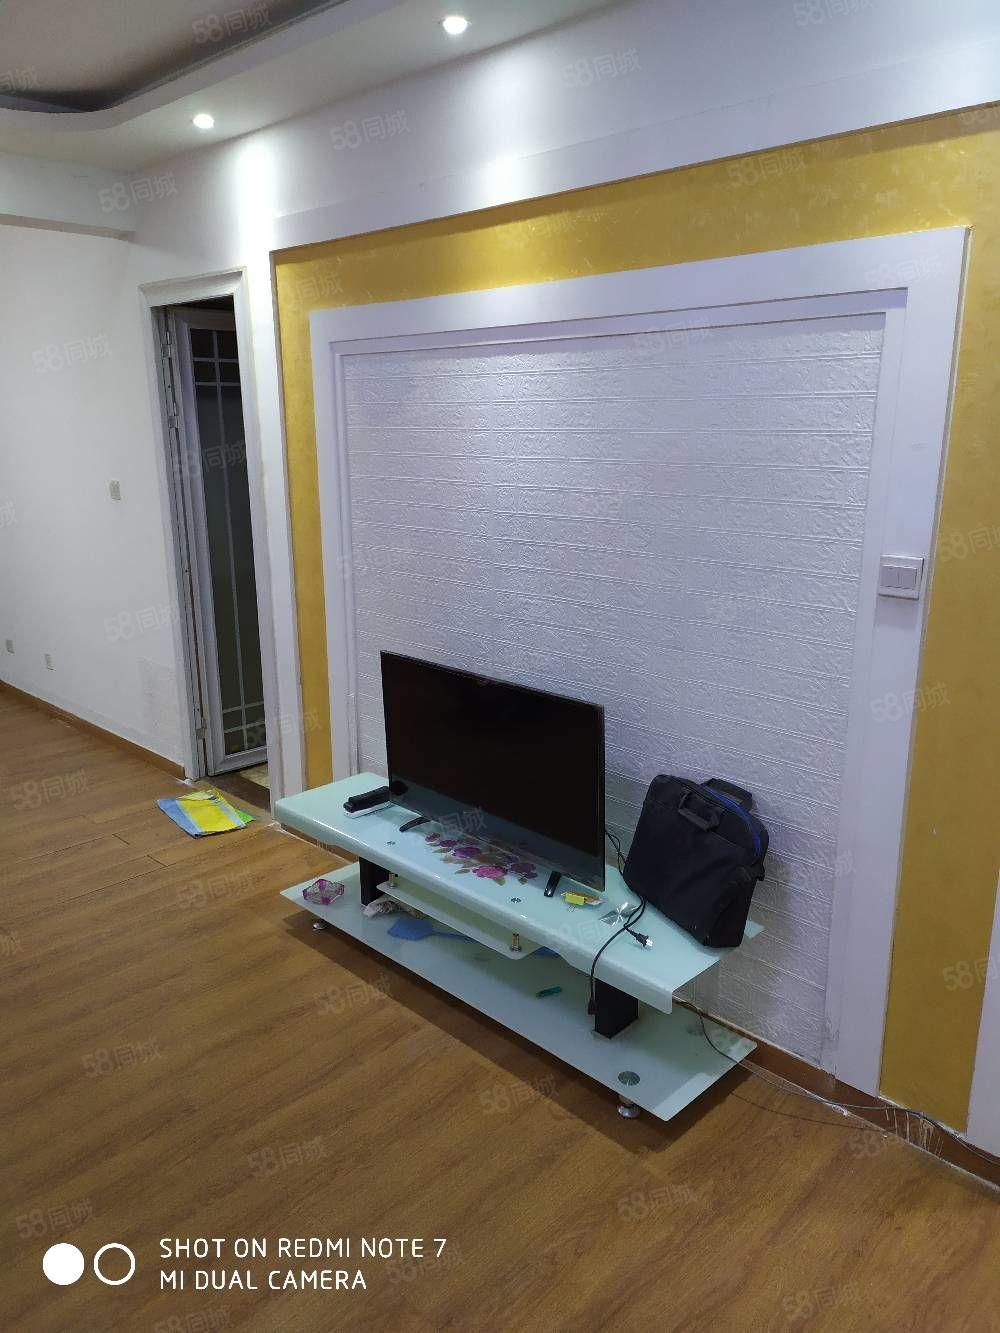 微尼斯五区中等装修全套家具家电温馨舒适拎包入住随时